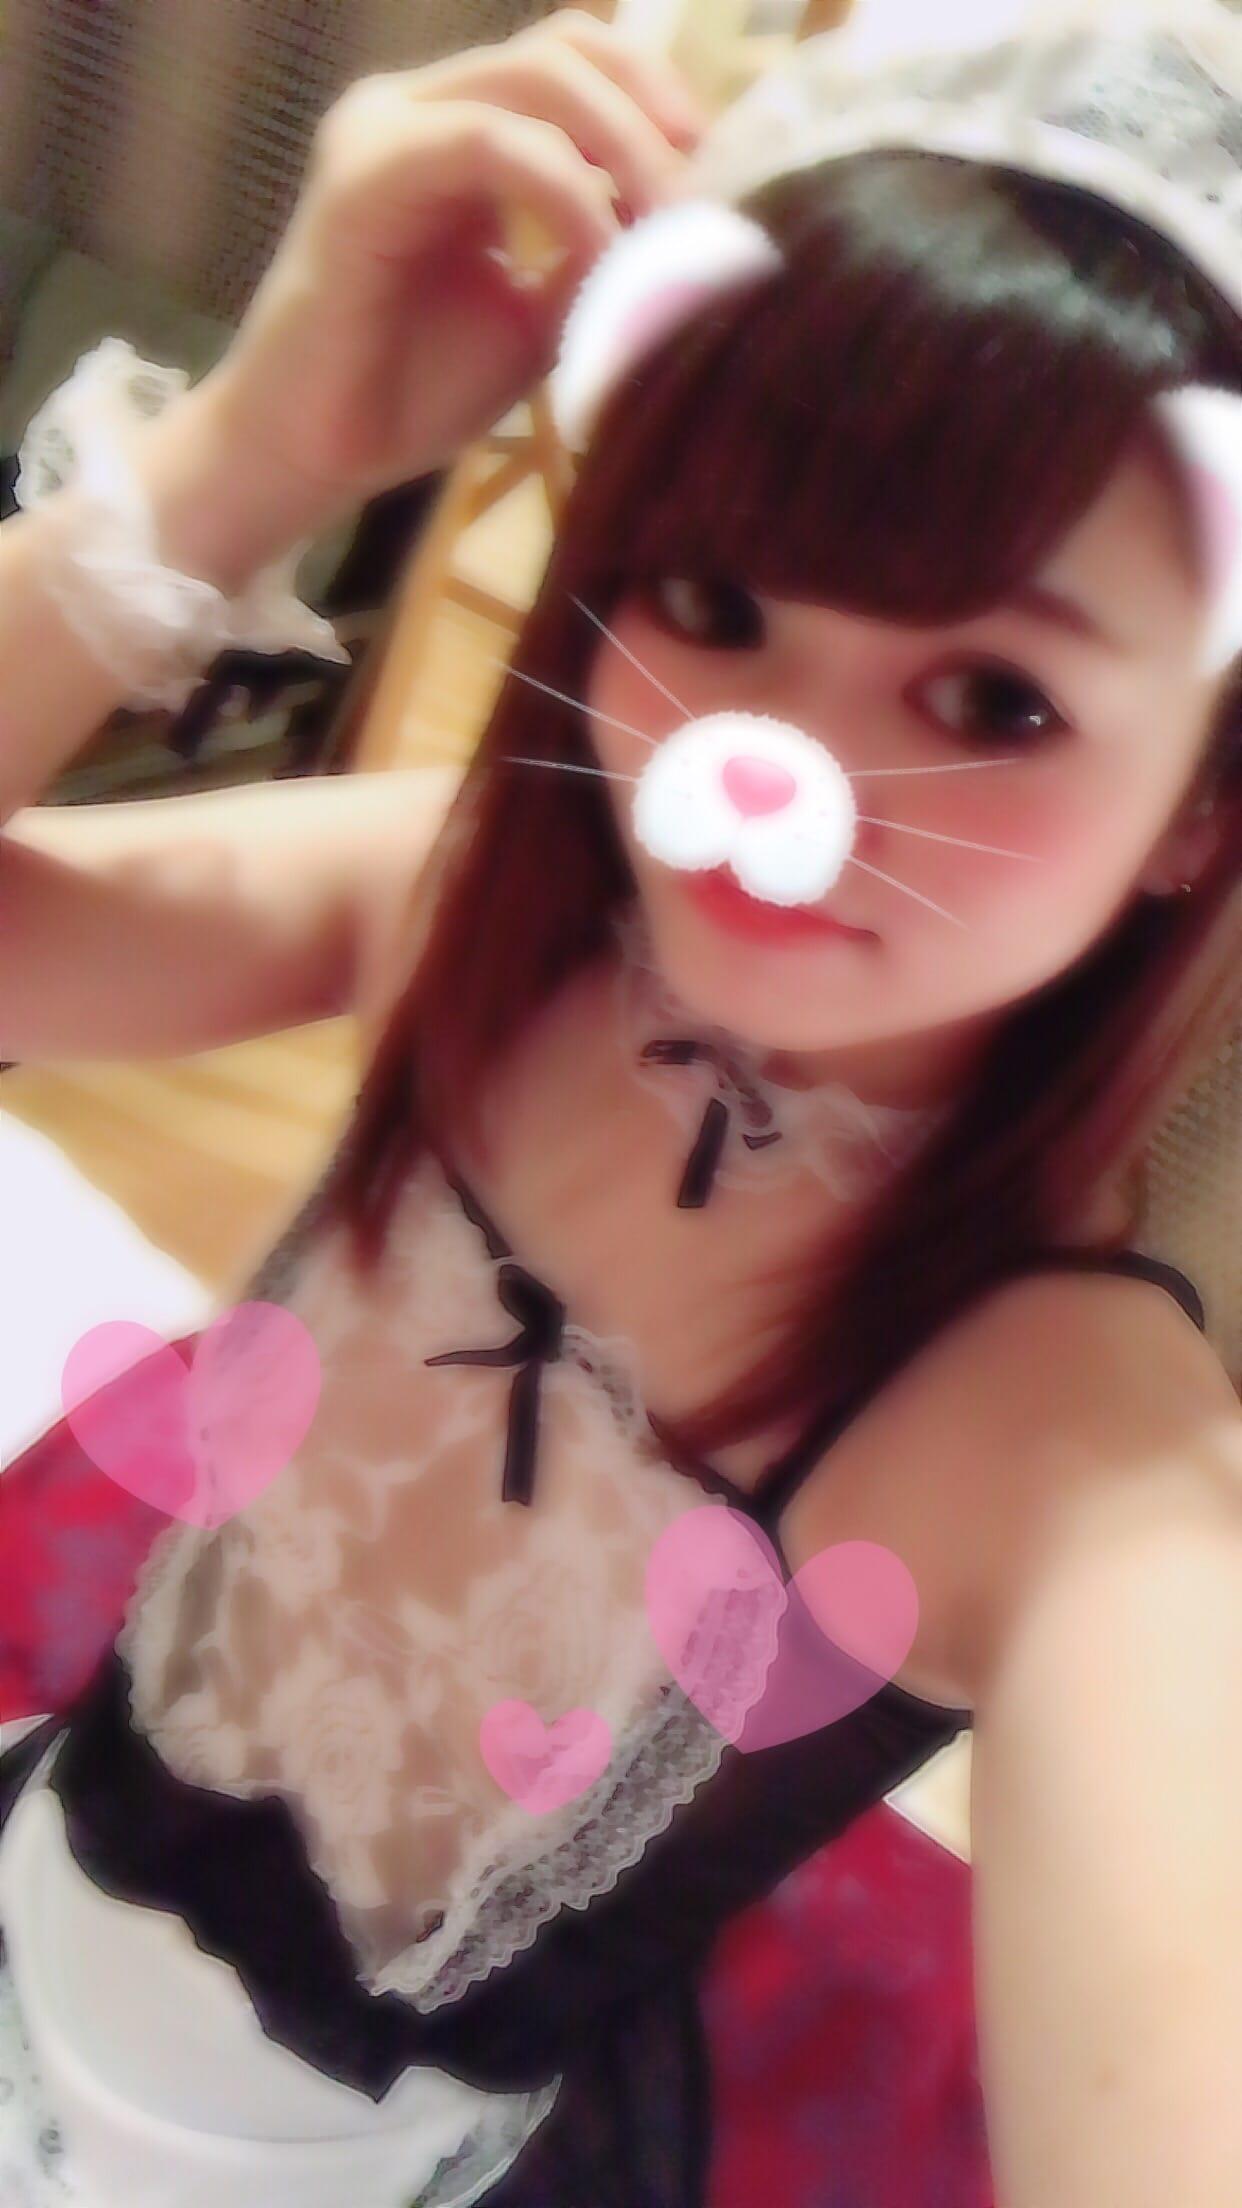 「出勤予定♡」01/30(01/30) 22:06 | ゆず-yuzu-の写メ・風俗動画